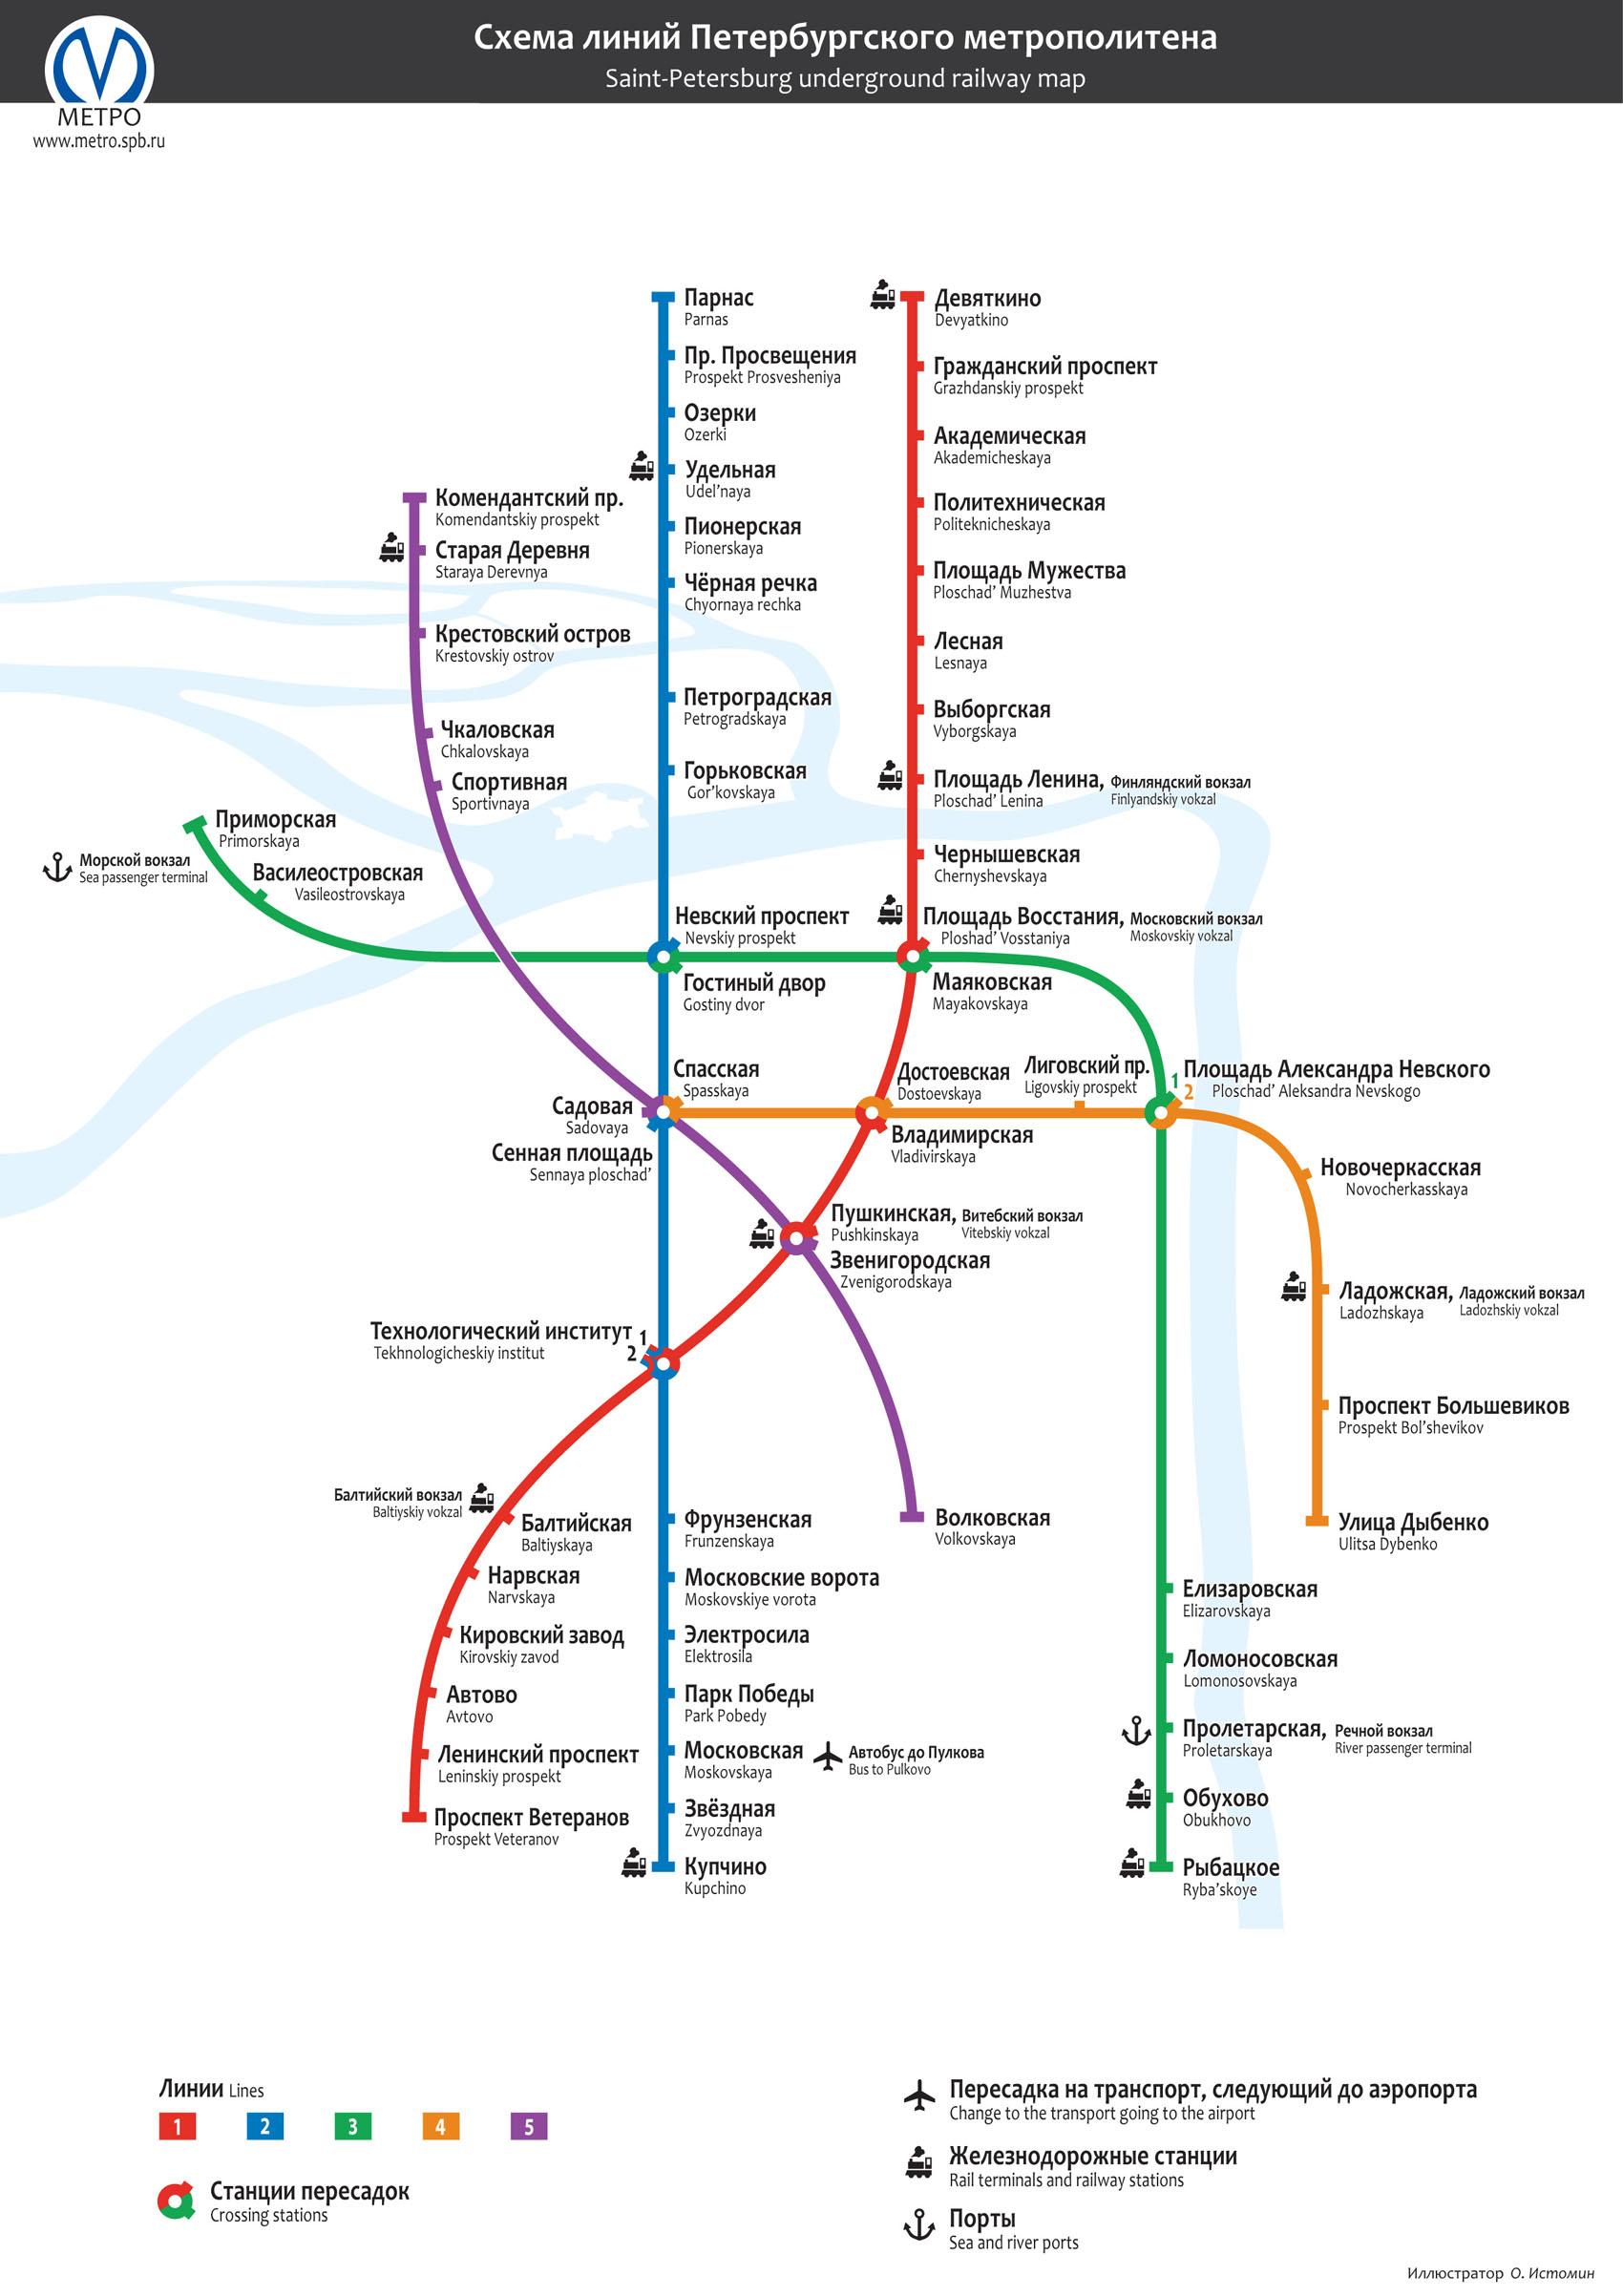 Схема метро от московского до ладожского вокзала